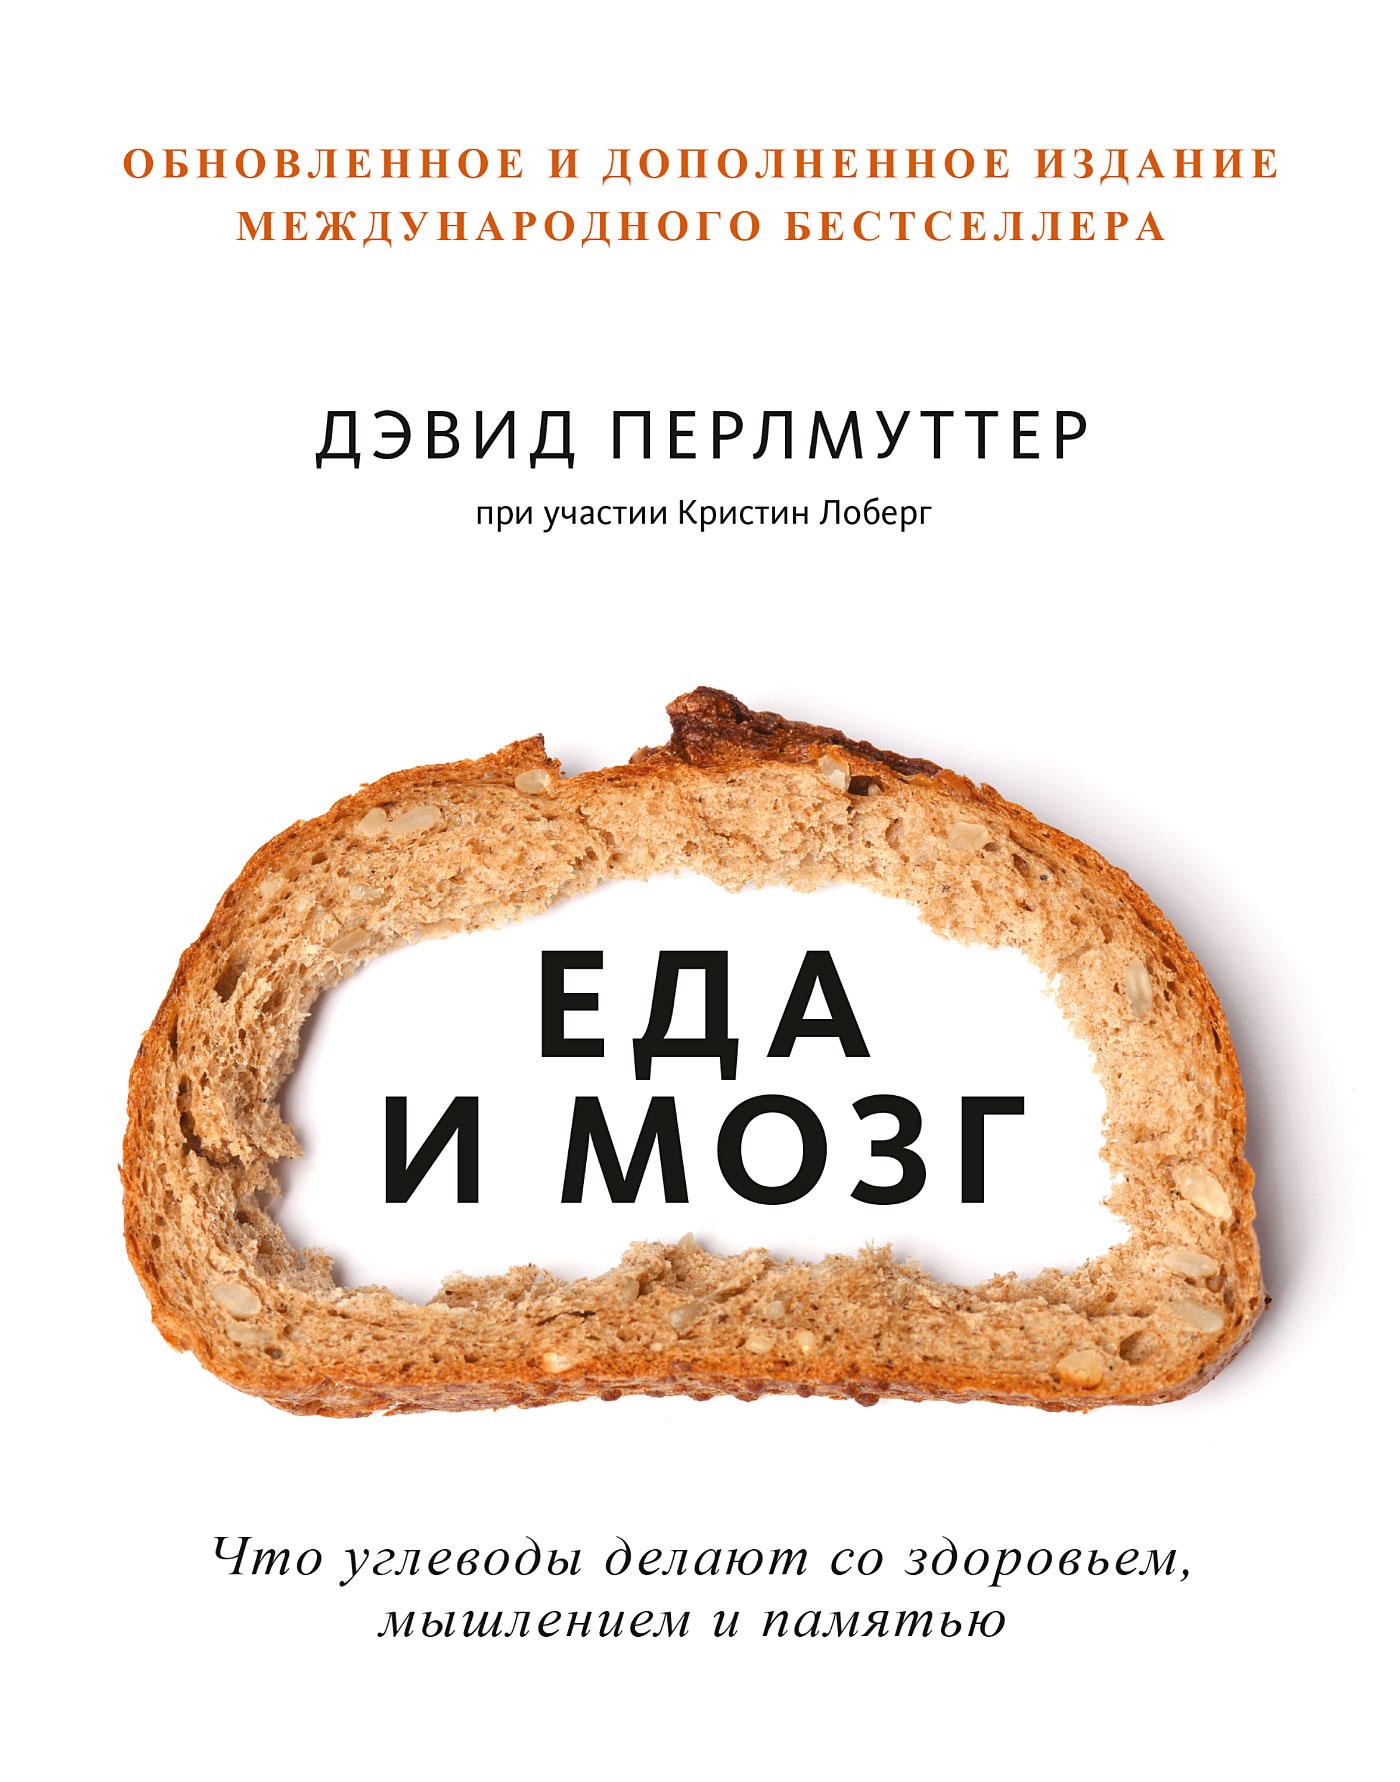 Кристин Лоберг, Дэвид Перлмуттер - Еда и мозг